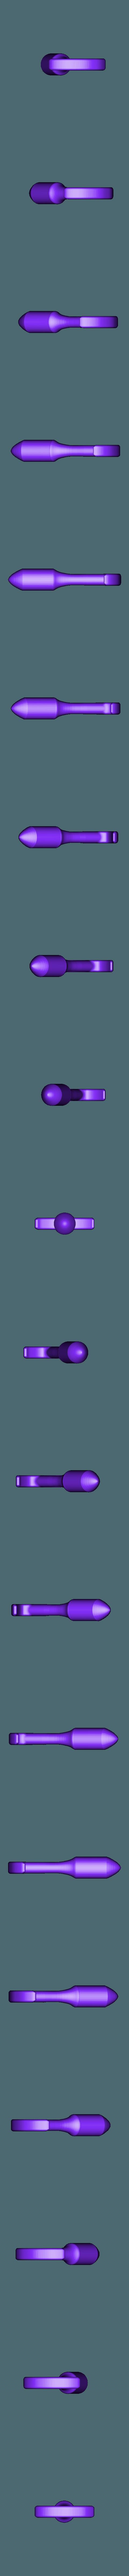 Part1.STL Télécharger fichier STL gratuit 5 KIT GODE ANAL • Plan pour impression 3D, allv